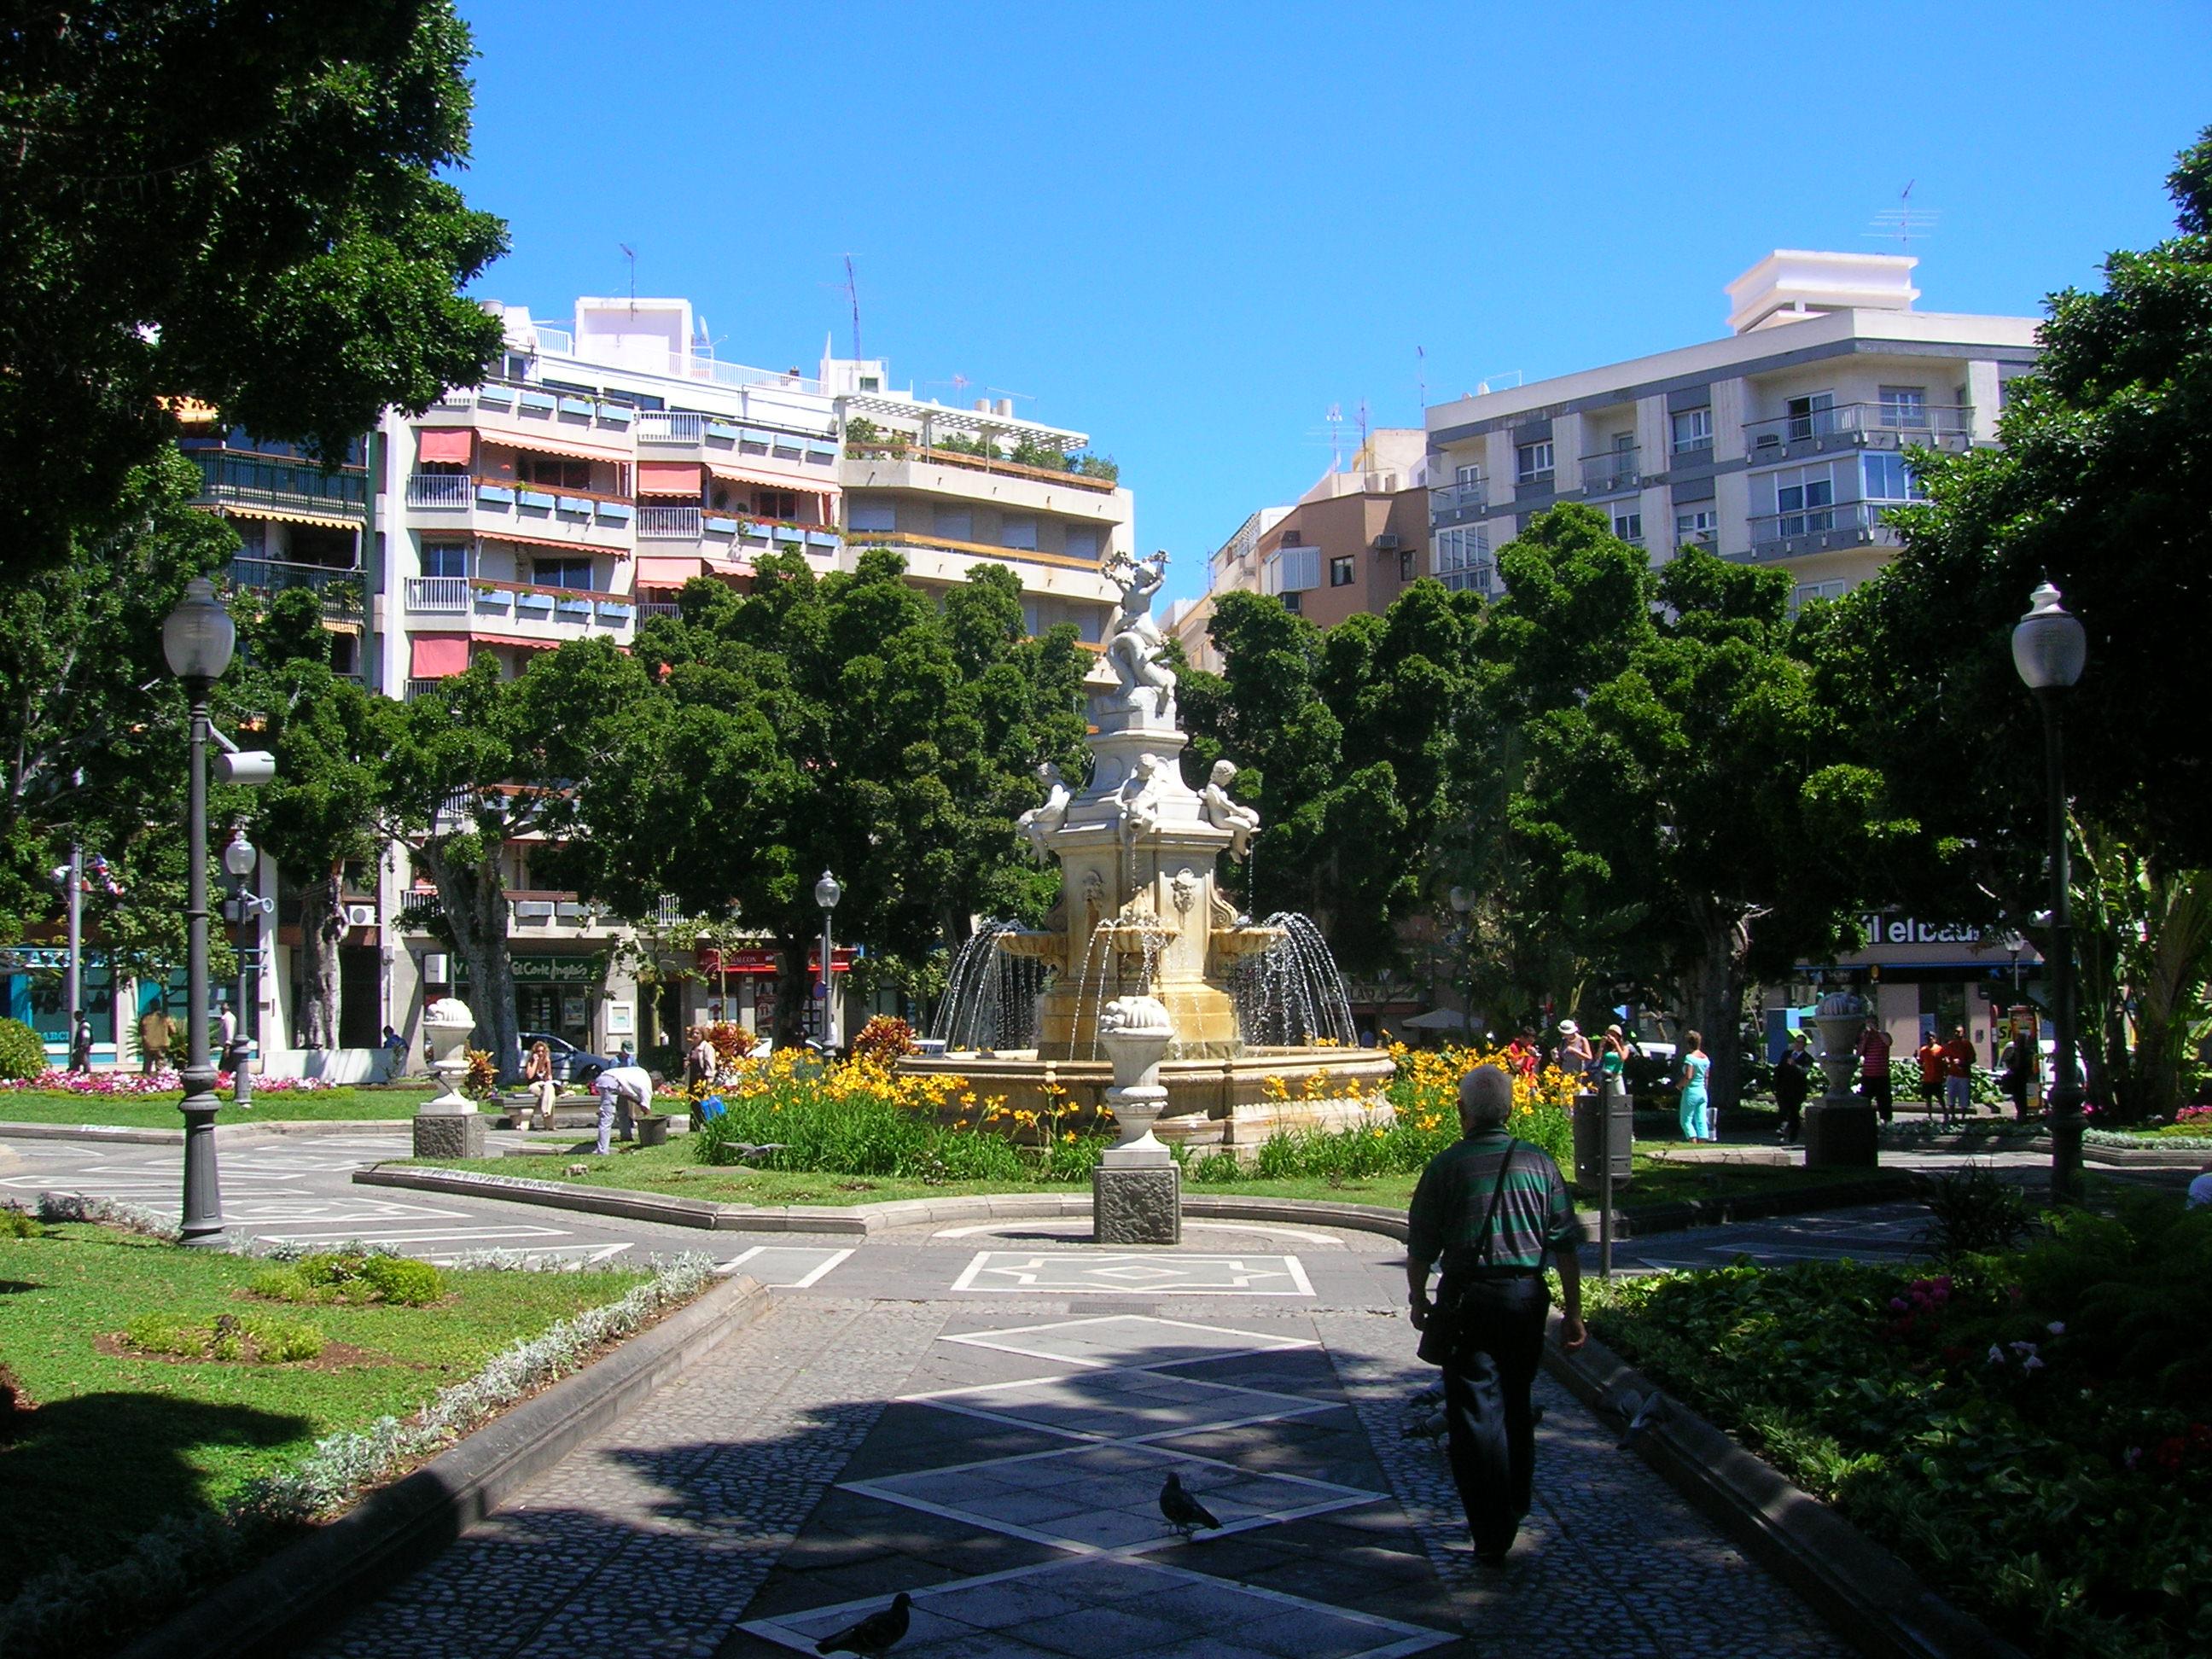 Wawjol74 Santa Cruz De Tenerife